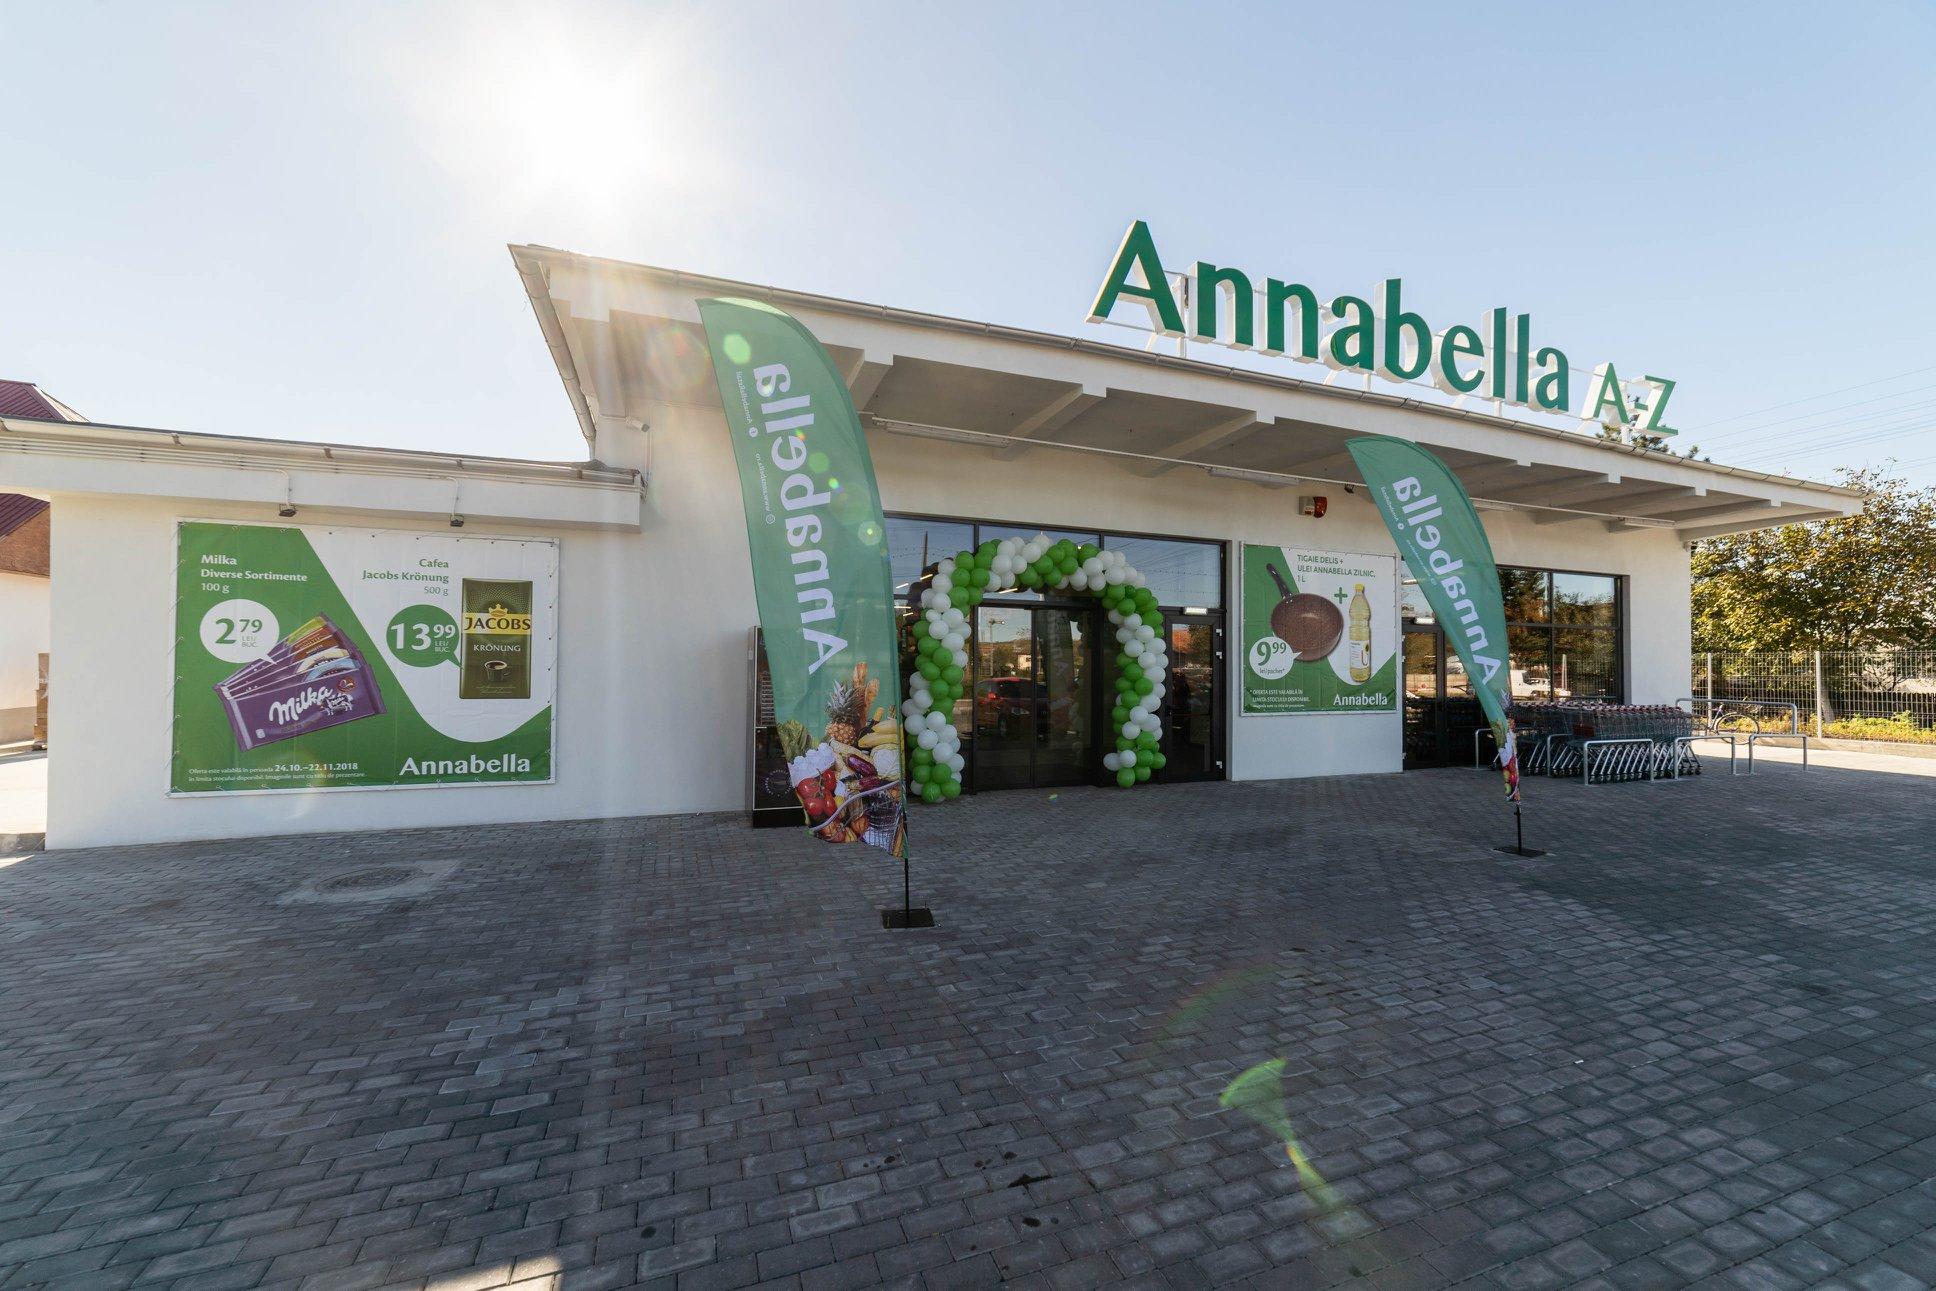 Rețeaua româneasca Annabella deschide cel puțin 3 magazine până la finalul anului și caută să angajeze personal